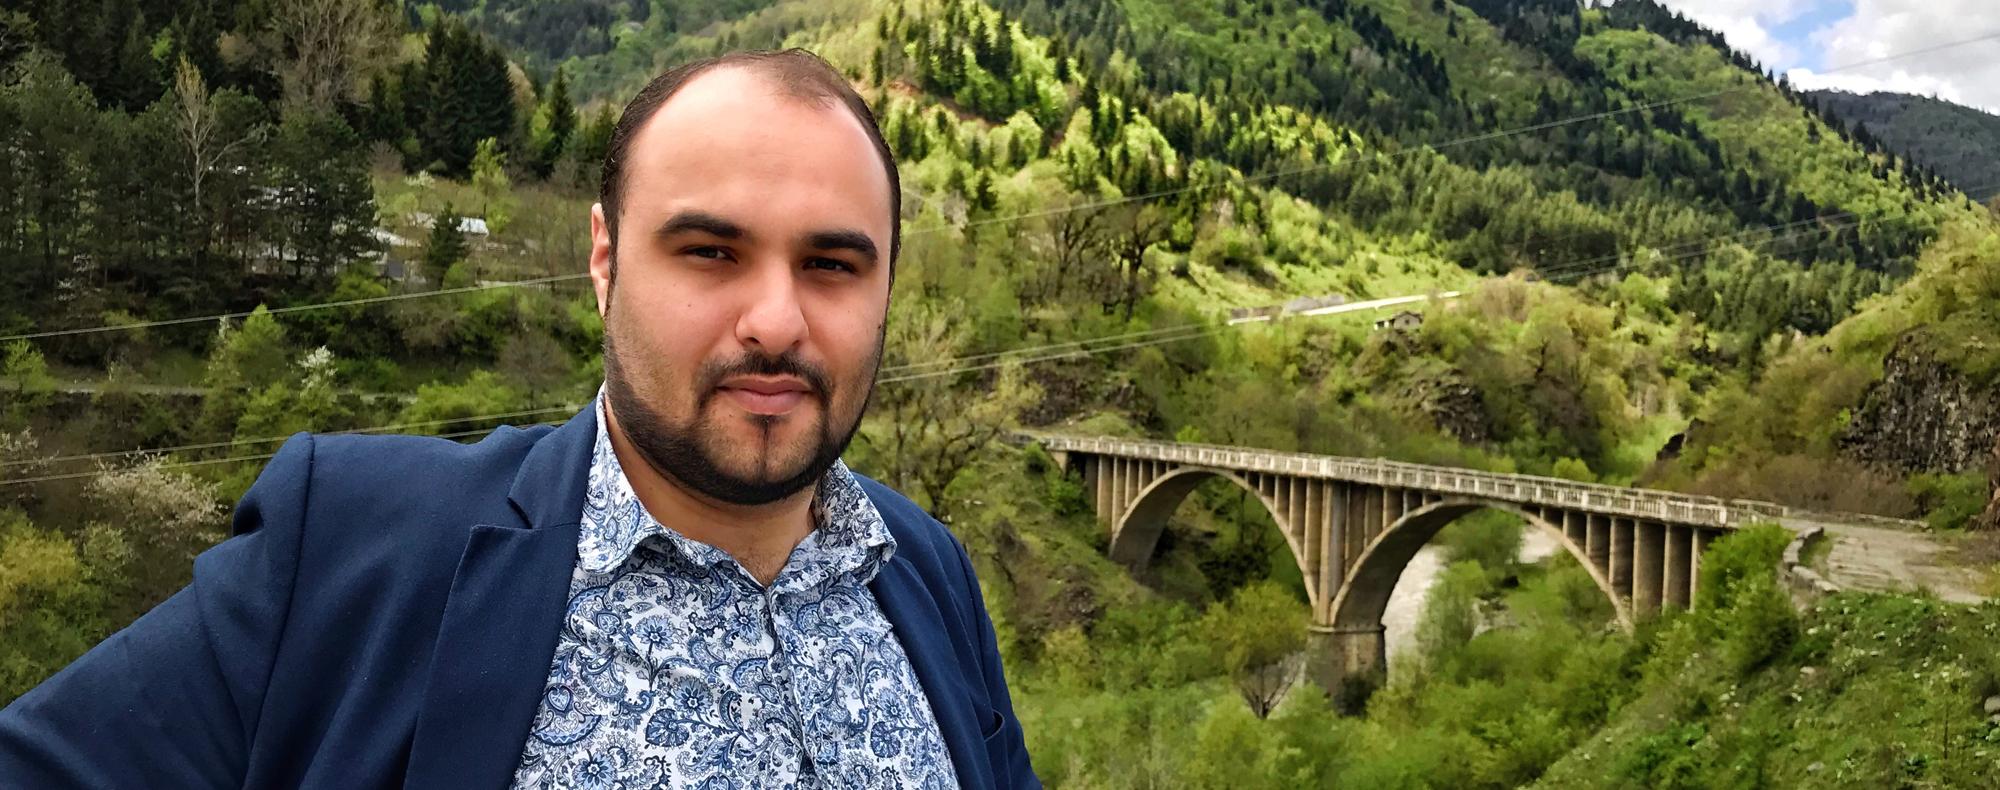 Южная Осетия.Республика, в которую влюбляешься душой | Хаял Муаззин | Иранский журналист и продюсер |